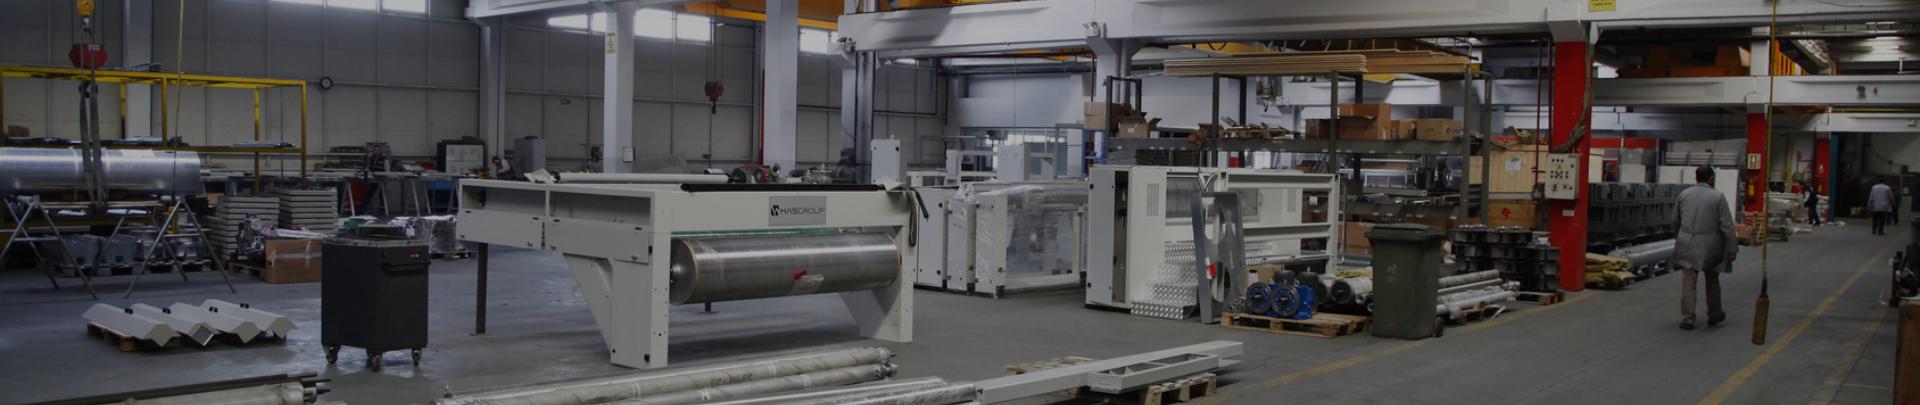 Maszyny i urządzenia przemysłowe